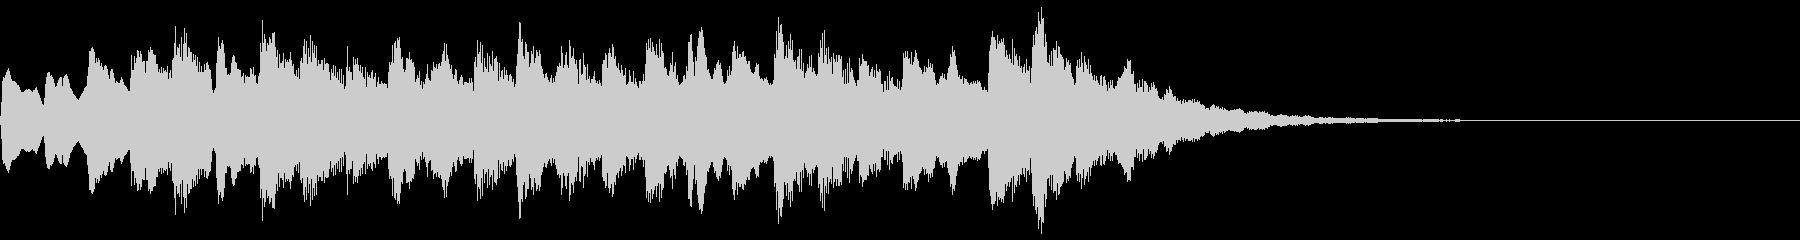 着信音 美しいメロディの後にキラキラの未再生の波形